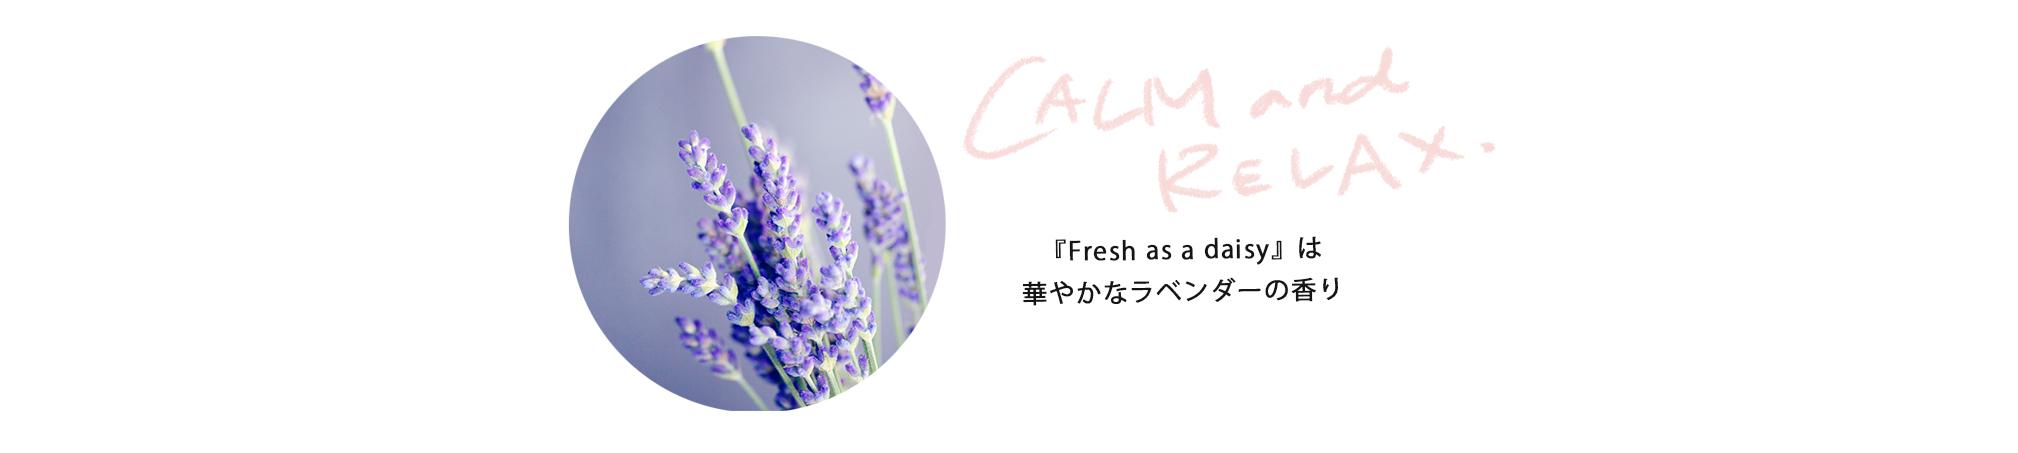 「フレッシュアズデイジー コンディショナー」は、ニュージーランド原産のクメラホウとハラケケを含む天然成分が毛のコンディションを整え、アルガンオイルとアロエベラが毛に艶を与え柔らかくしてくれます。カモミールの香りをベースに、ムスク&シトラス系のエッセンシャルオイルを配合。<br /> 心地良いバスタイムをお過ごしくださね♪|Kin(キン)